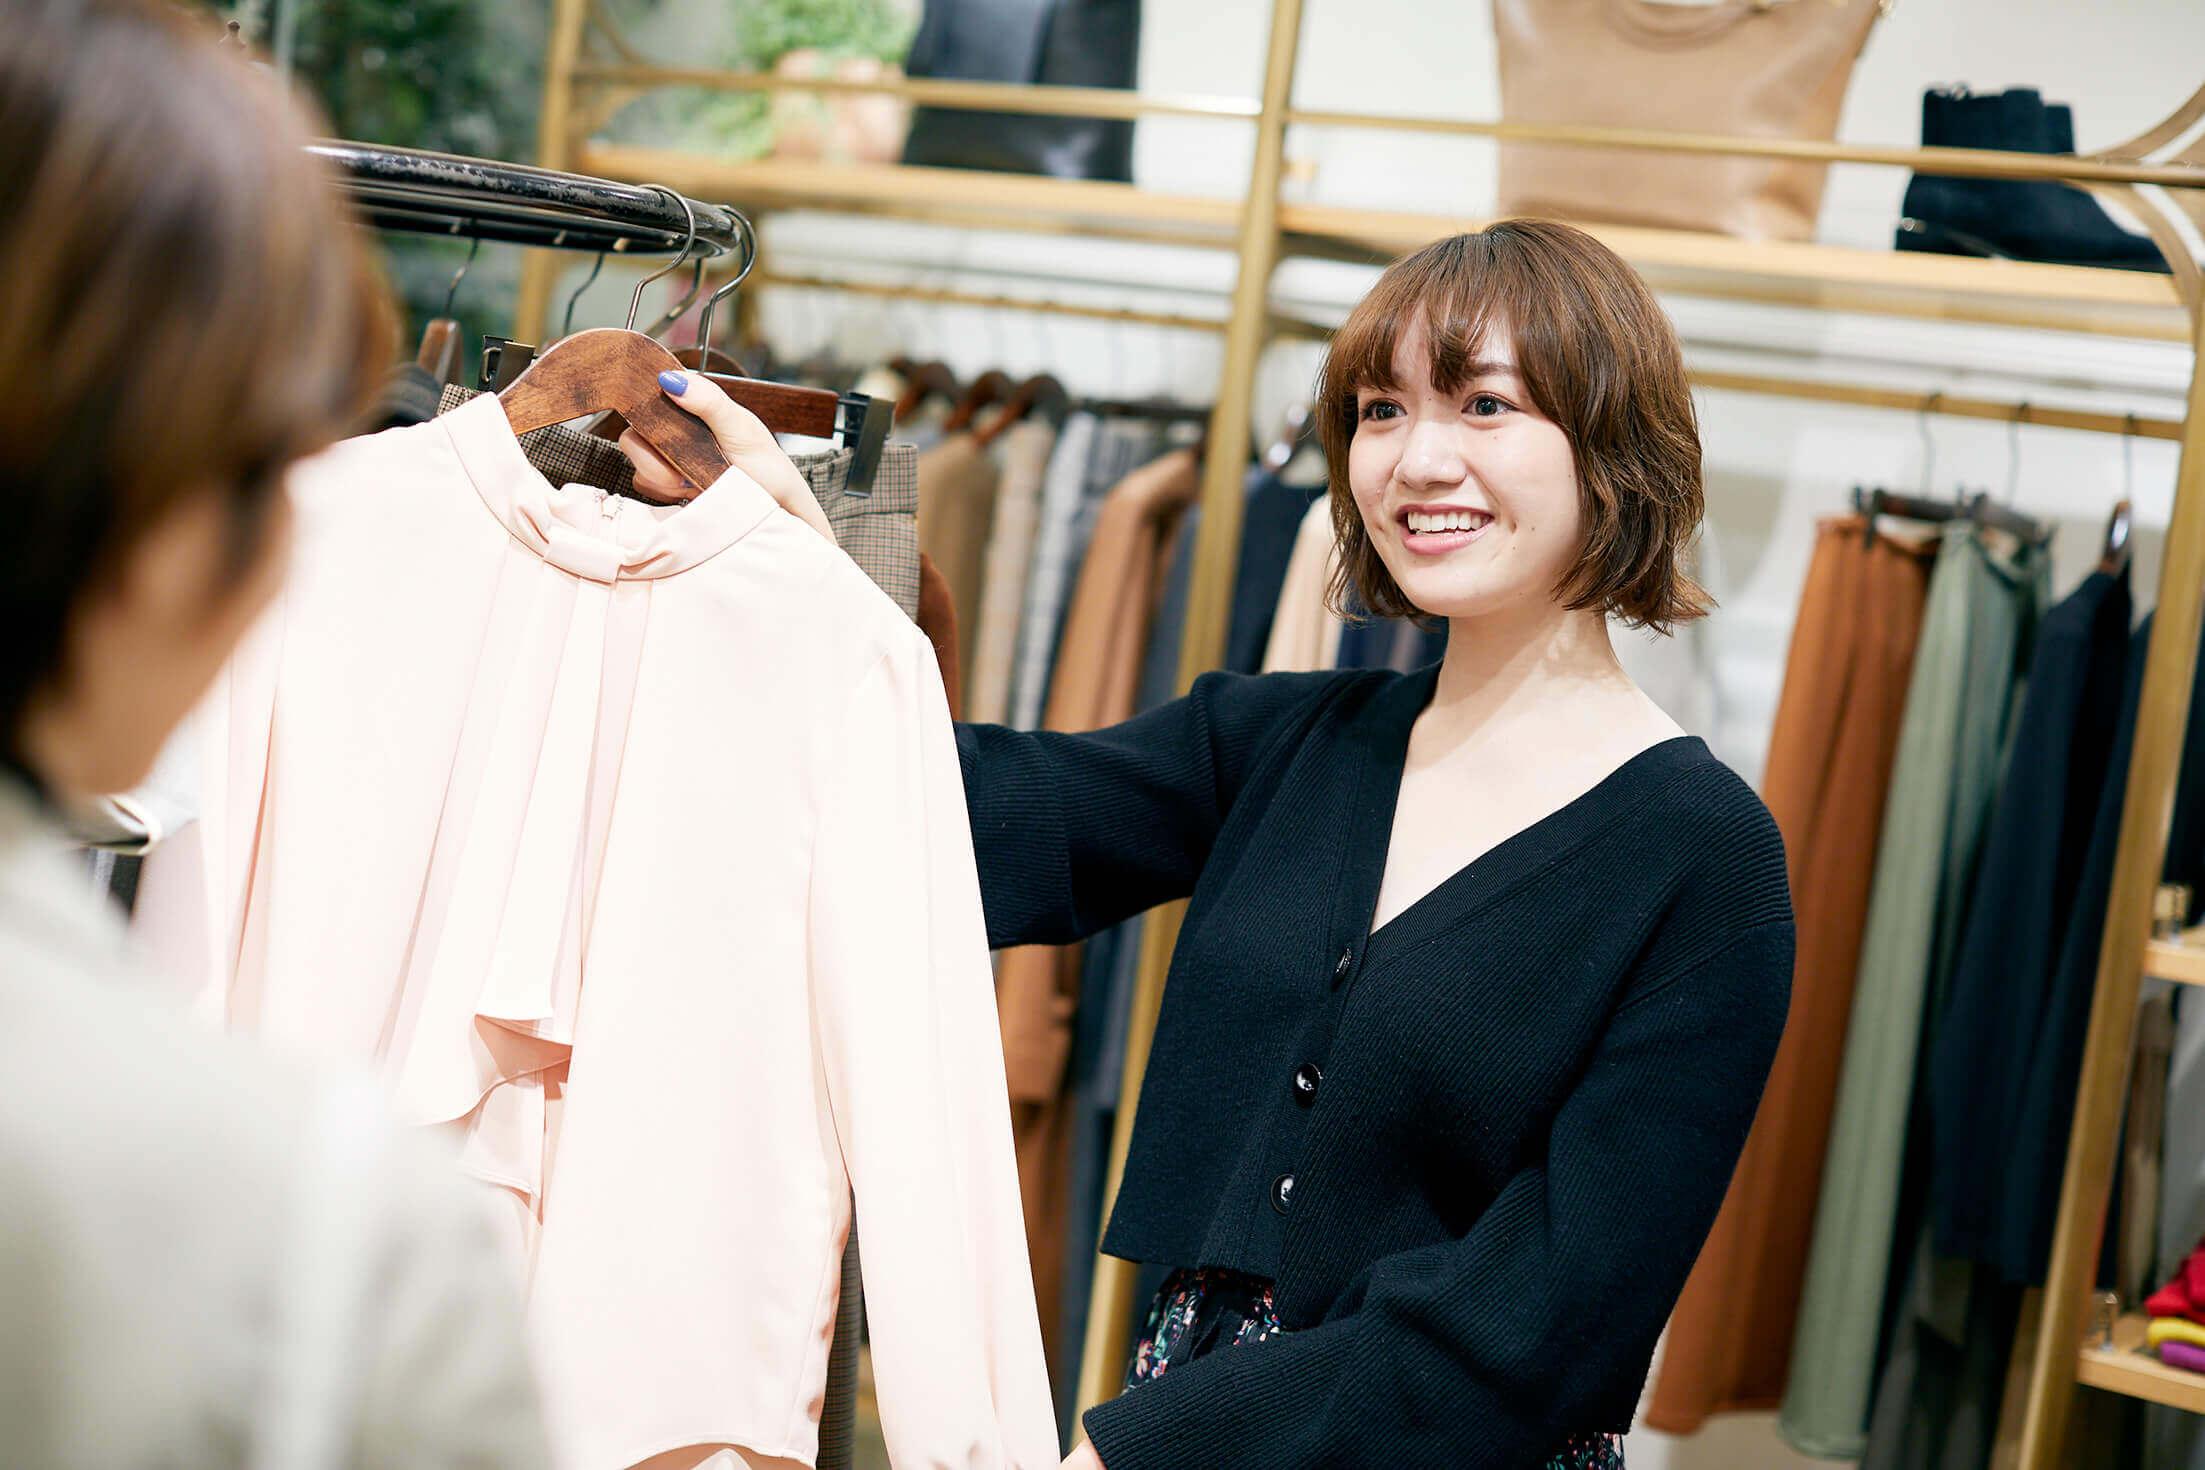 ★秋田★自分らしさを大切にした接客スタイルで働けるファッションアドバイザー募集のカバー写真